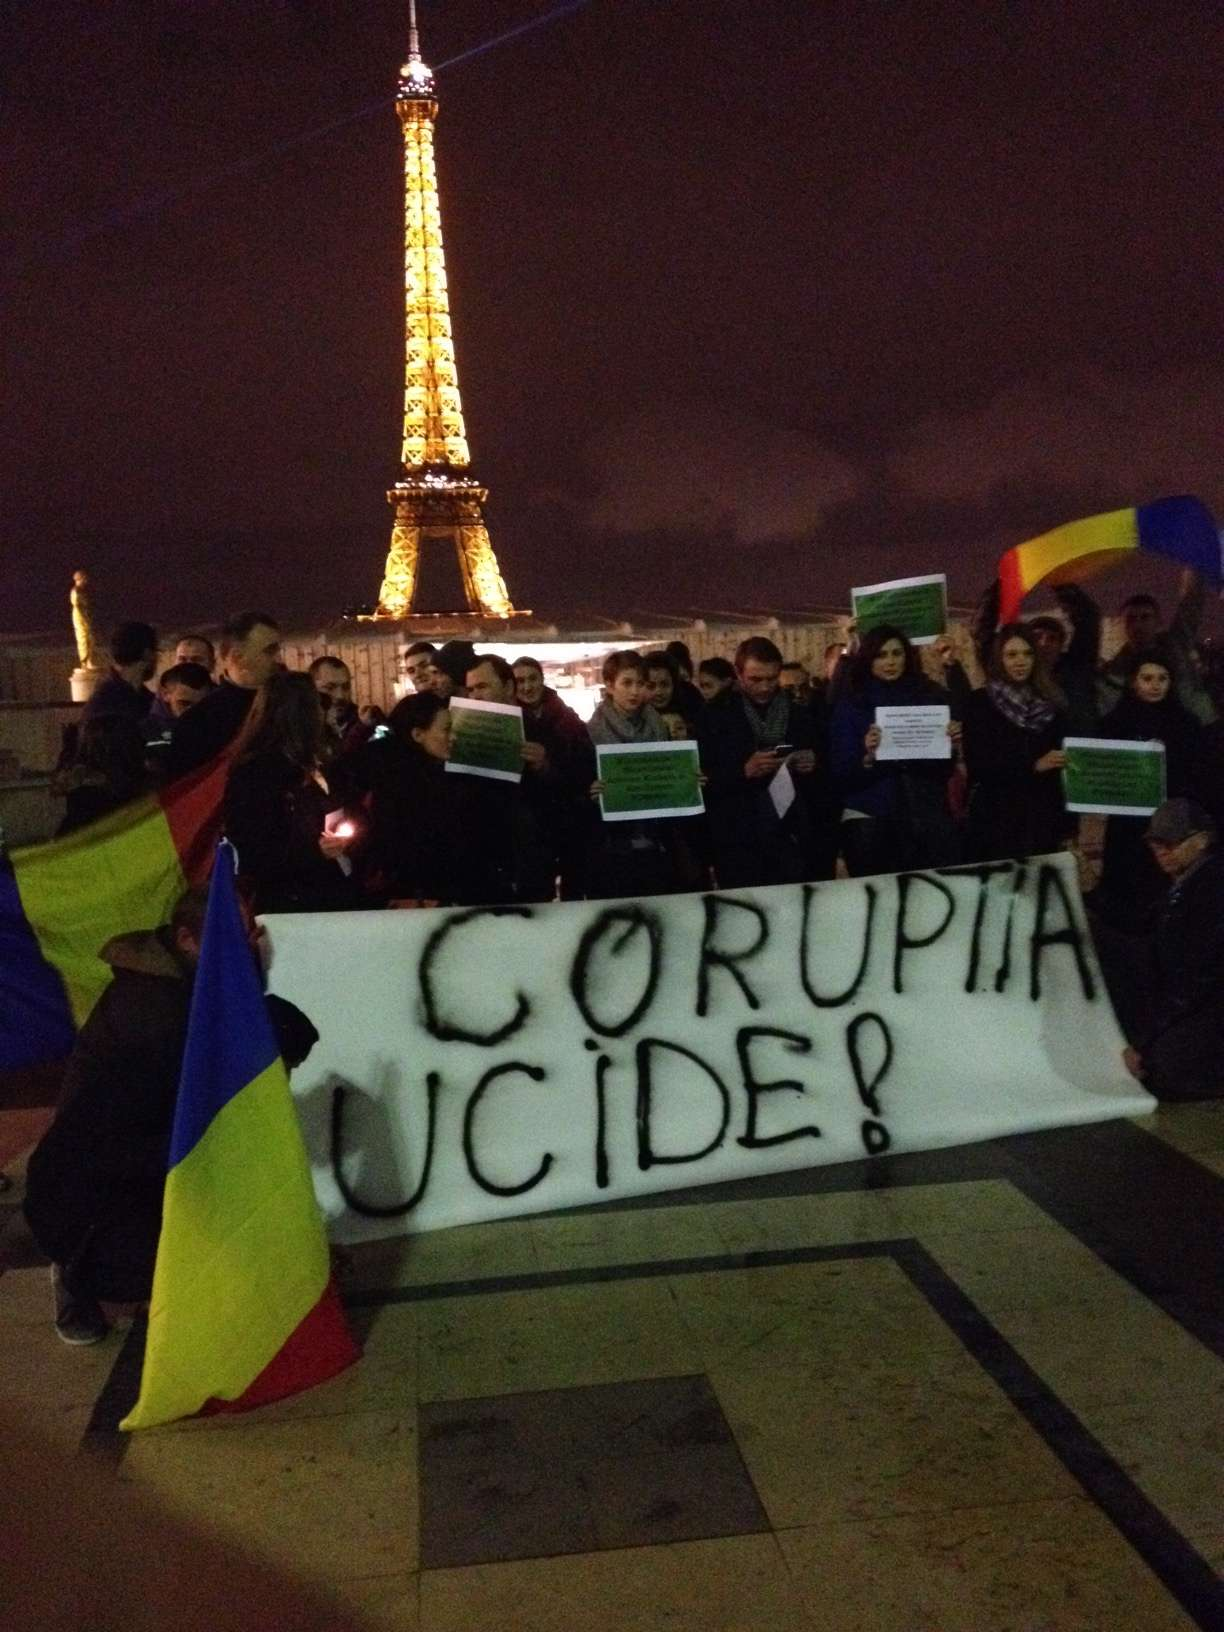 """""""Coruptia ucide"""" a fost un slogan des auzit printre manifestantii români reuniti pe Esplanada de la Trocadéro din Paris"""